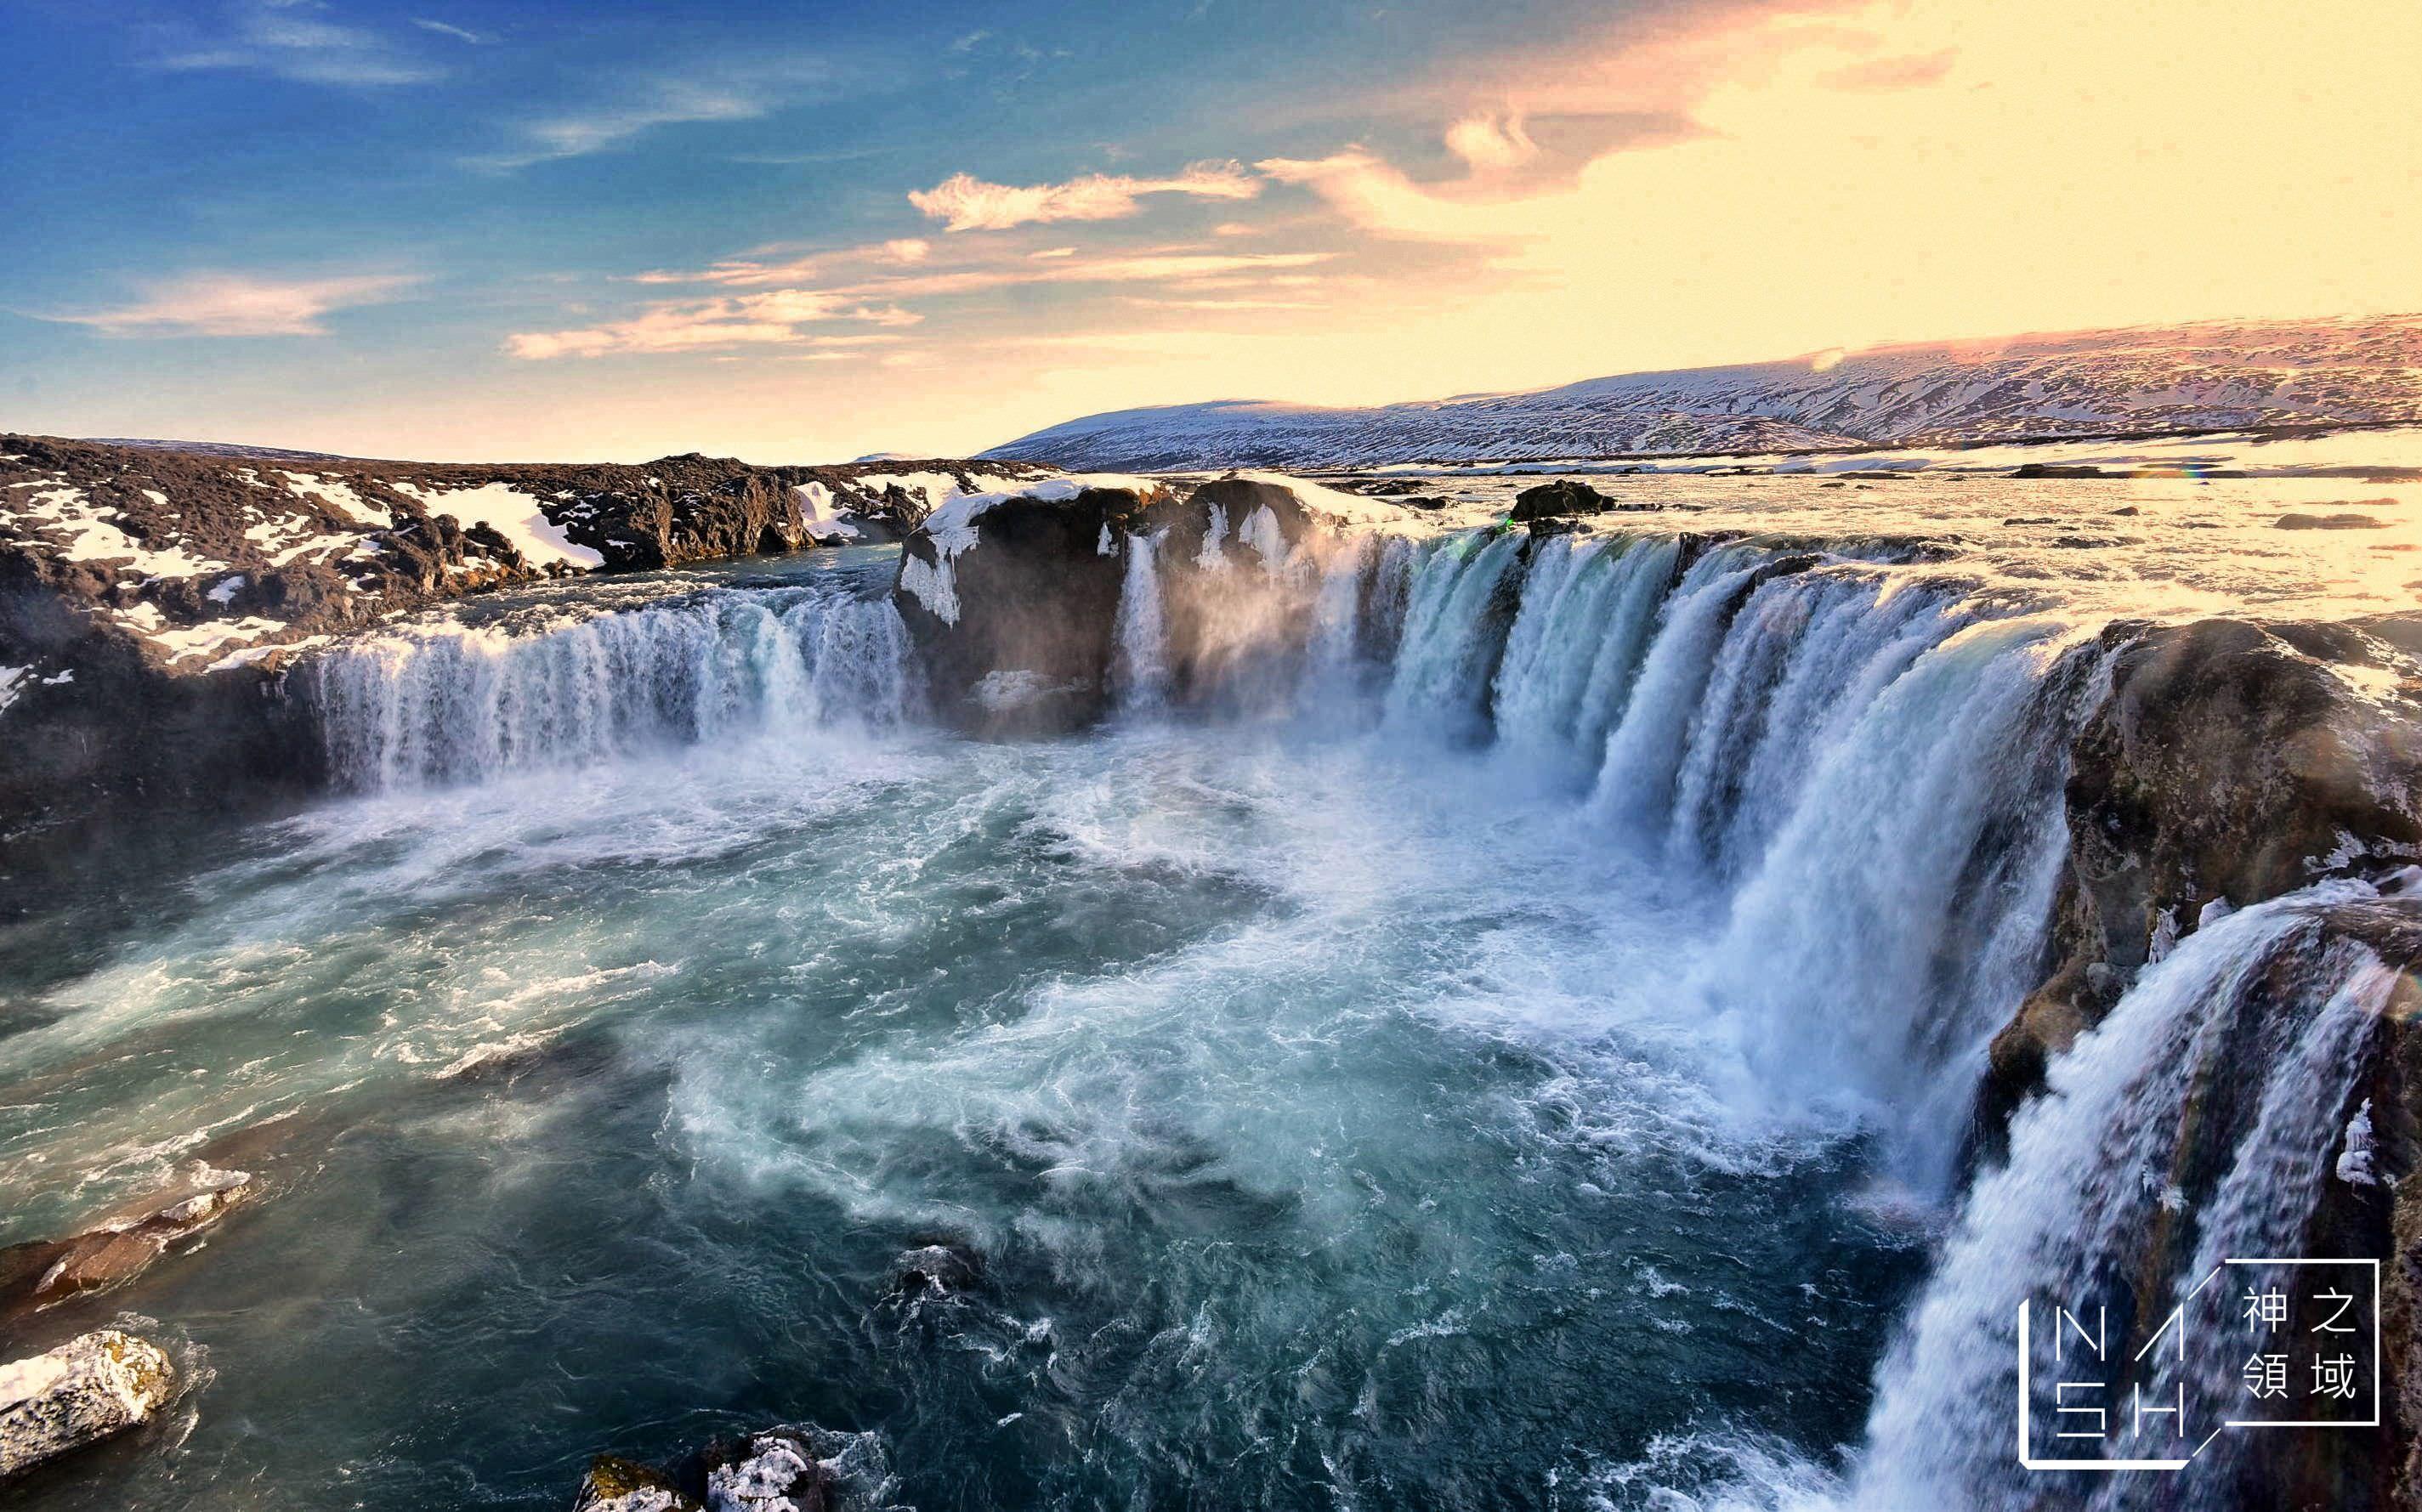 冰島自由行環島景點推薦,Godafoss Waterfall,眾神瀑布,米湖景點推薦,上帝瀑布 @Nash,神之領域